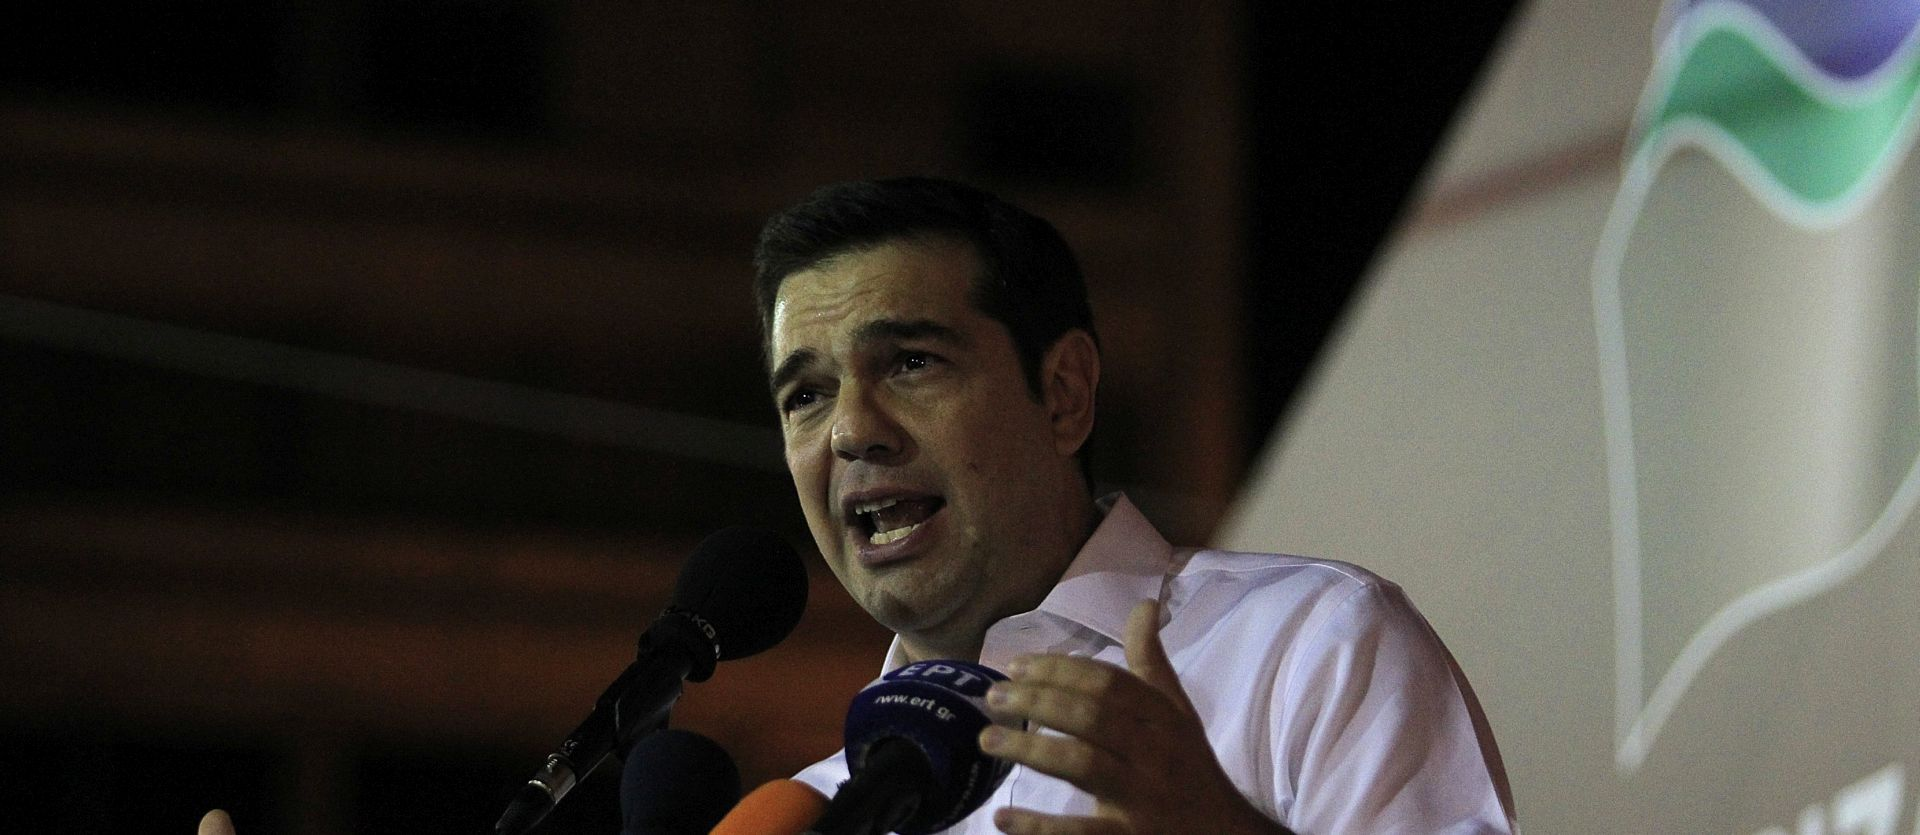 Grčki premijer obišao opožarena područja